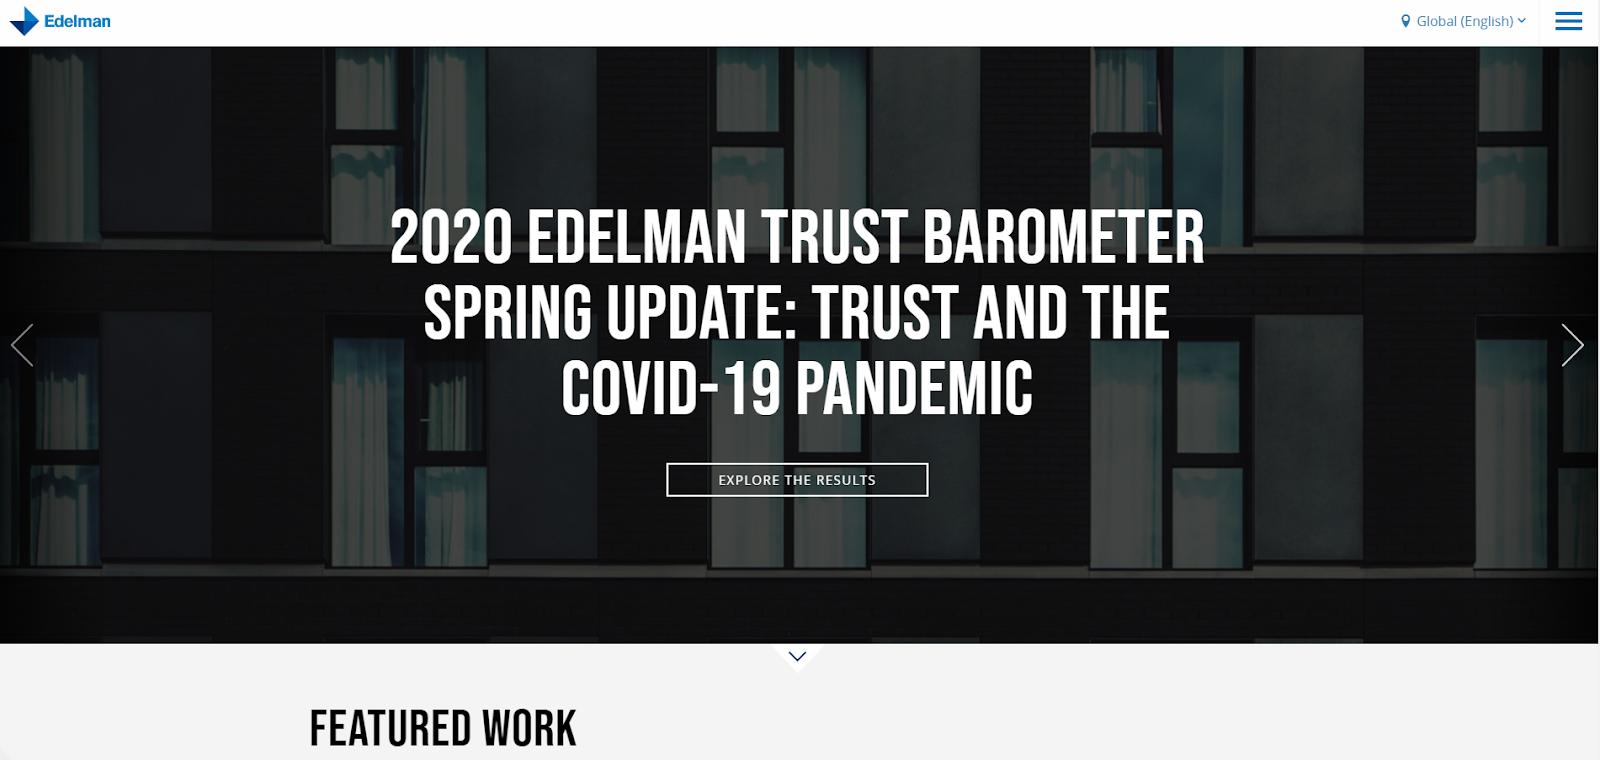 Edelman Home Page